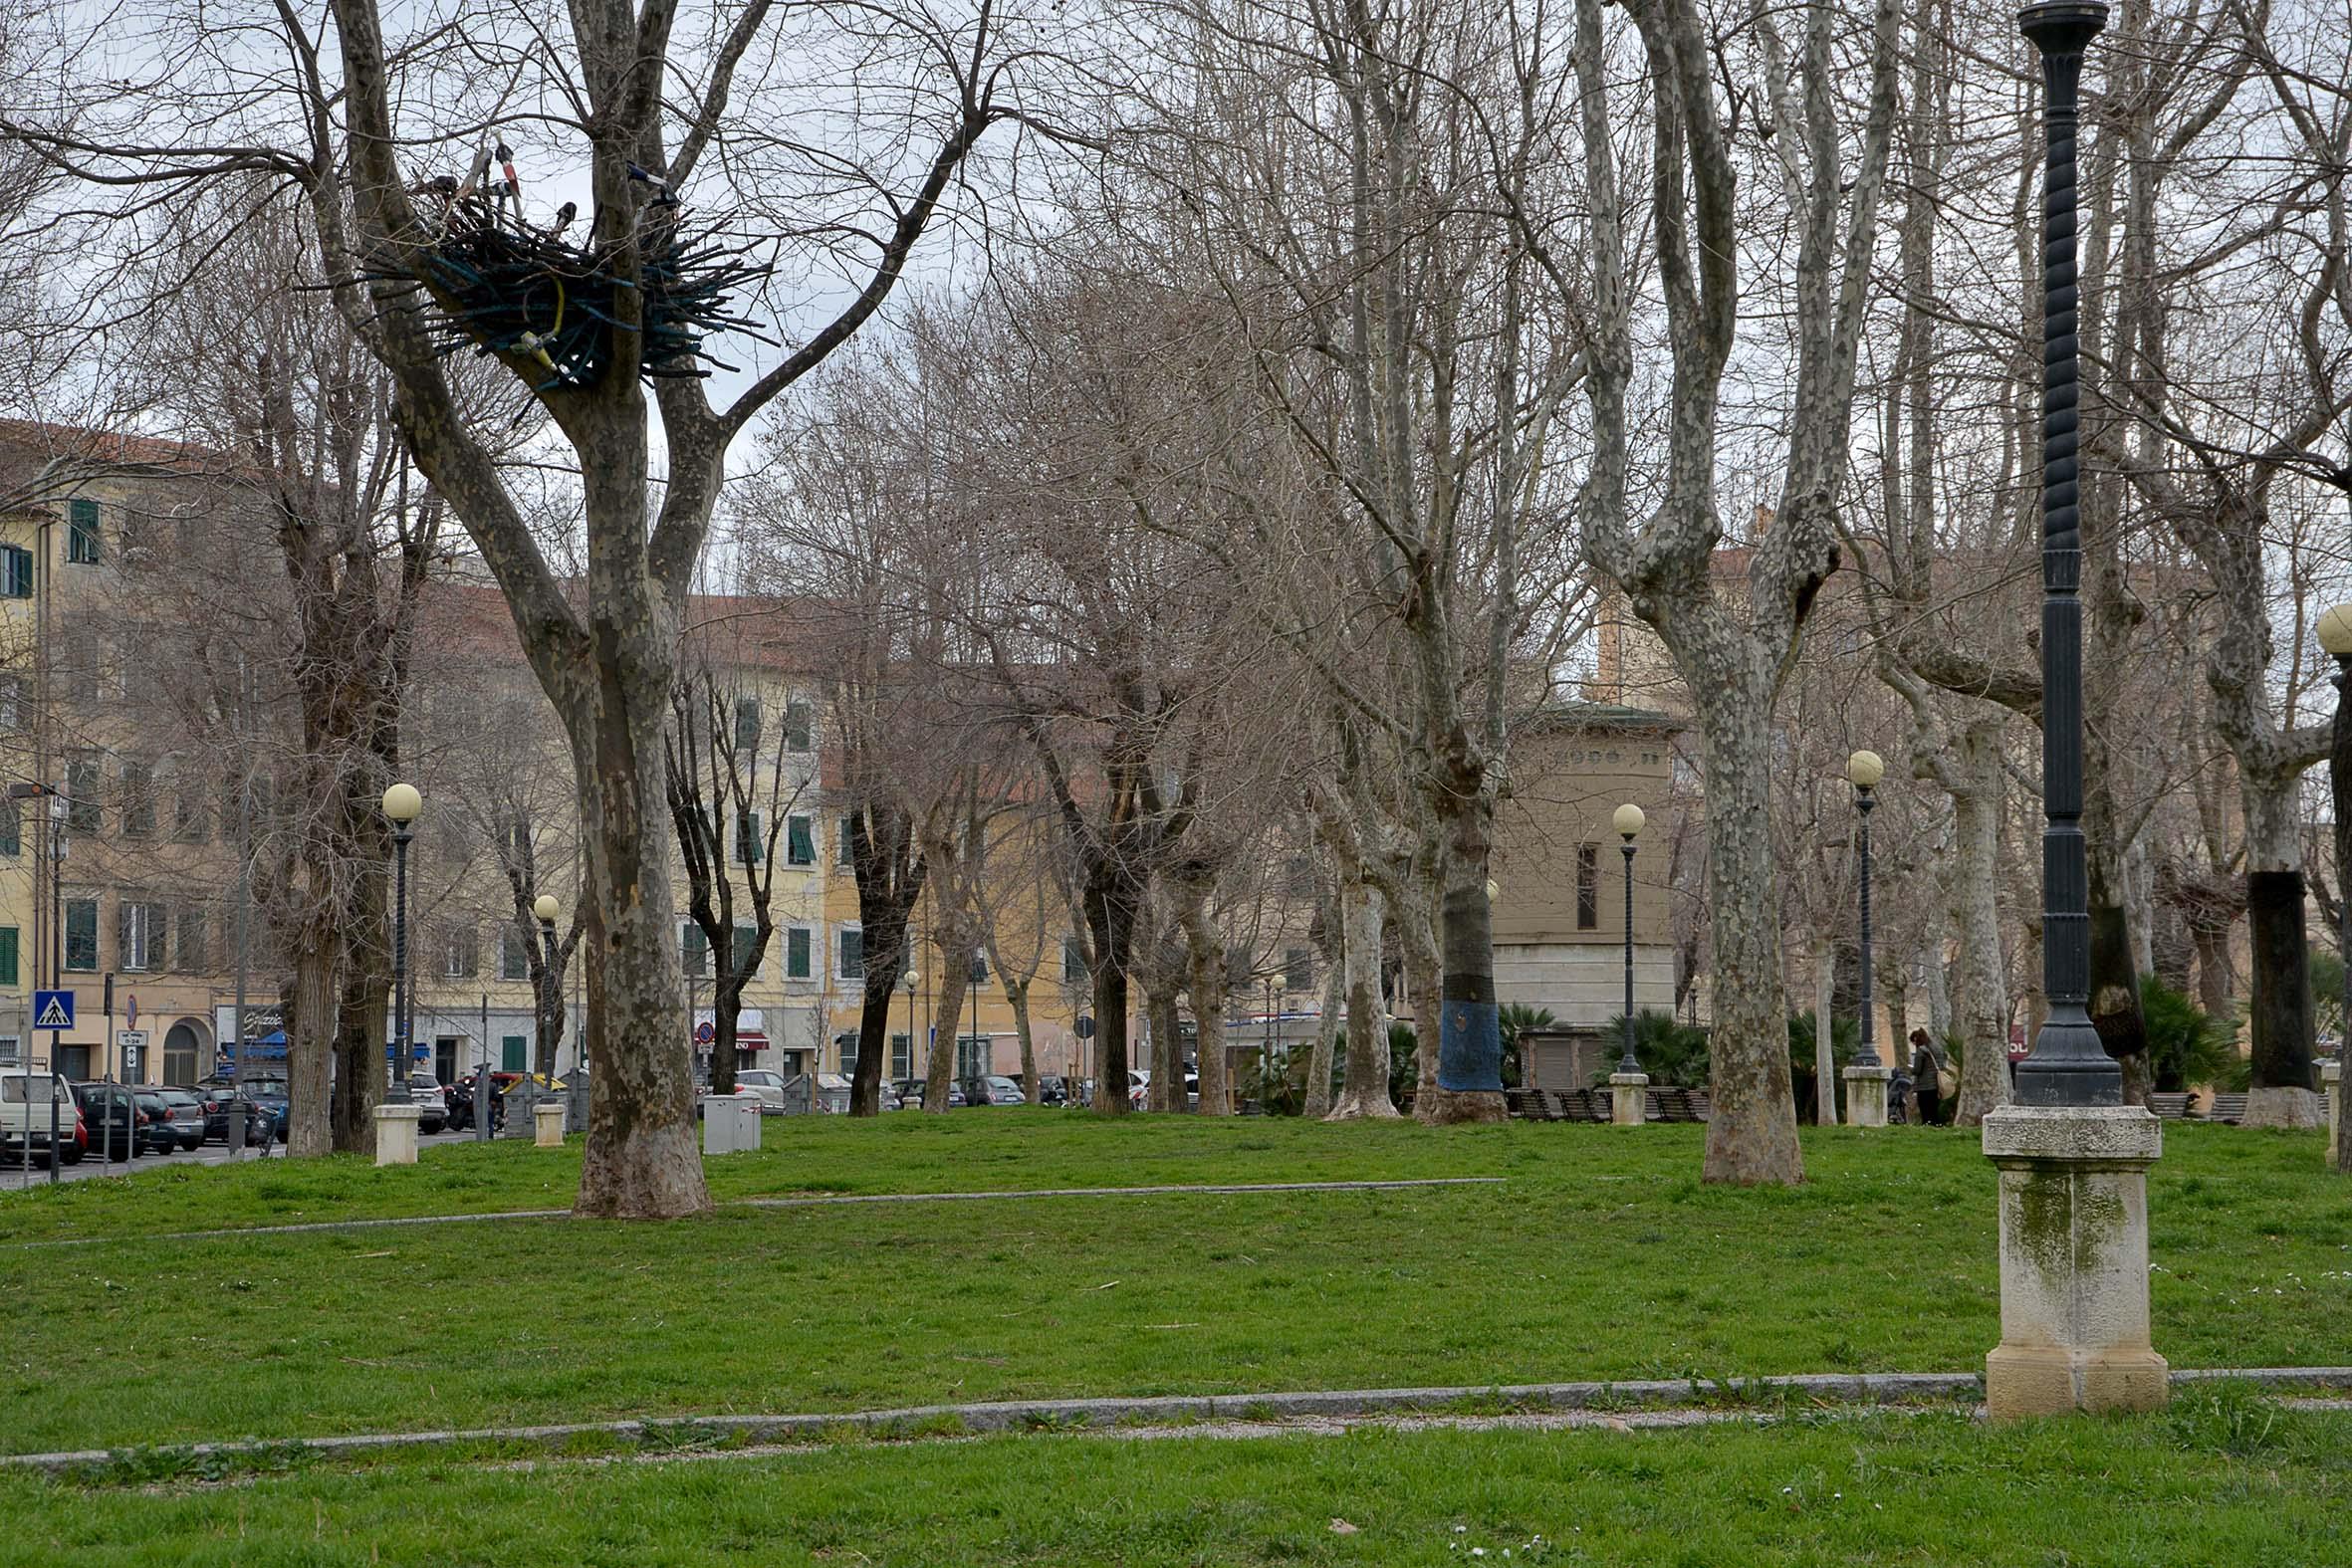 In Borgo oltre 480 firme contro gli stalli blu - QuiLivorno.it